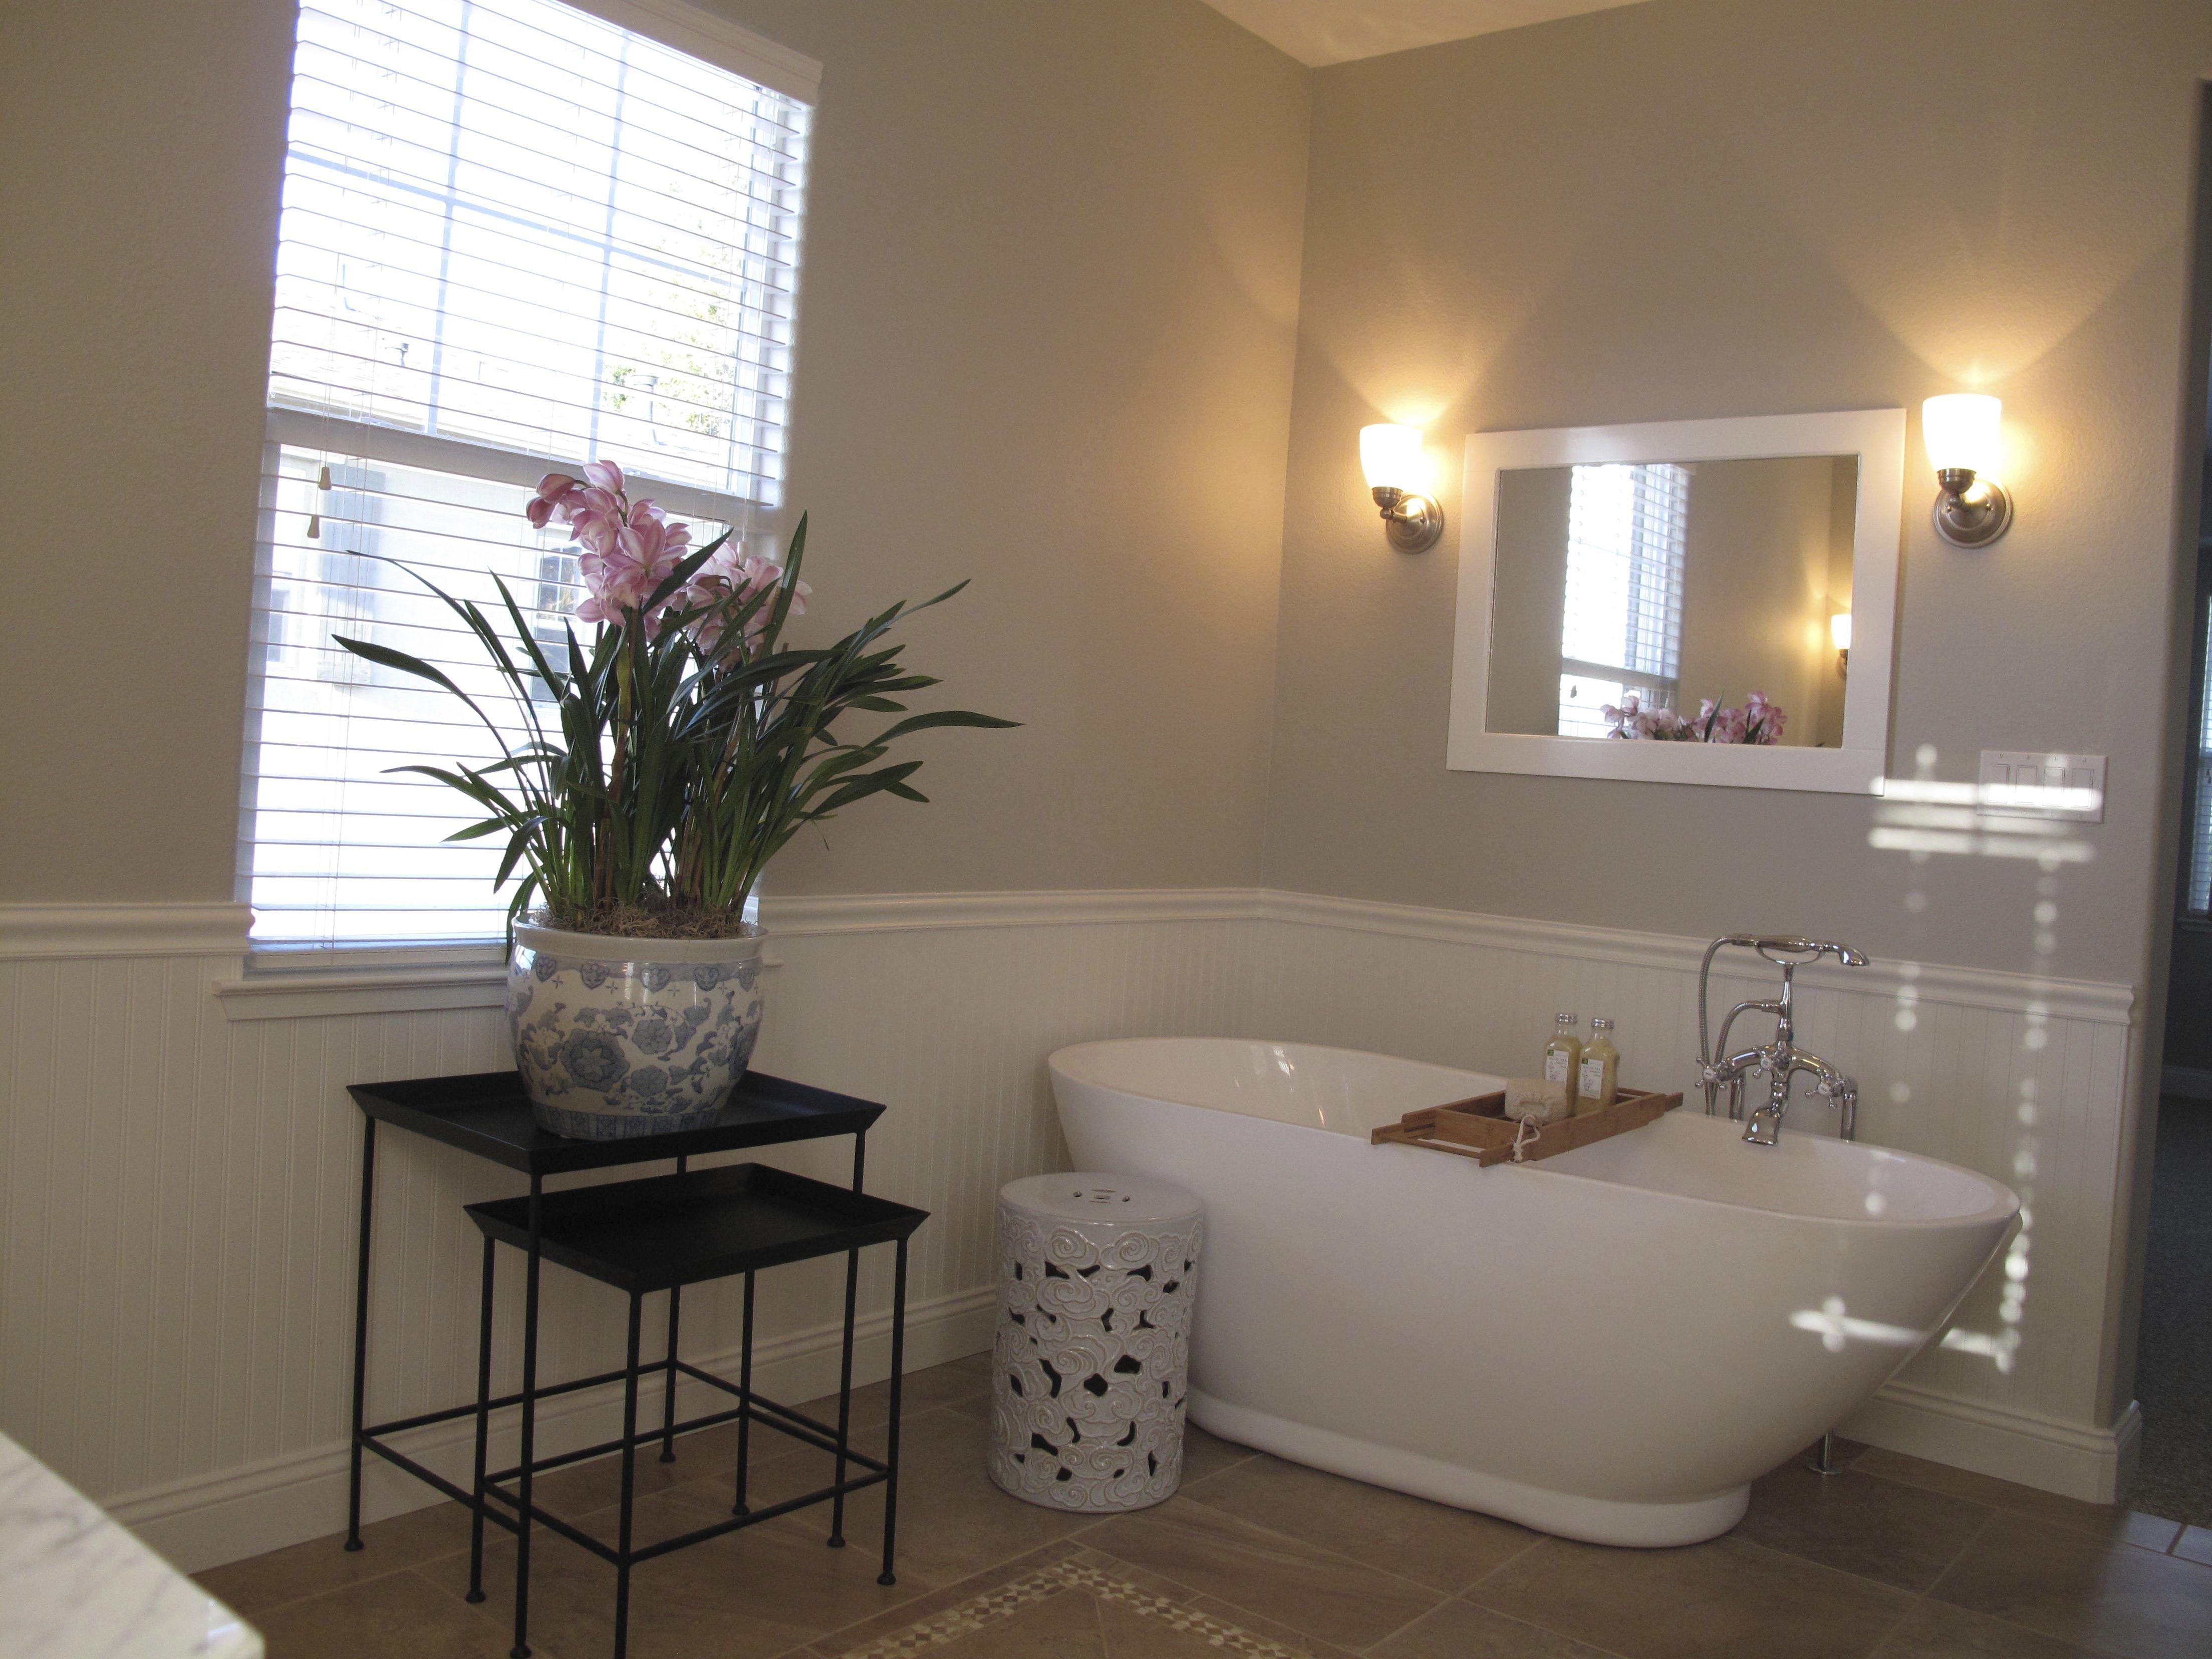 leslie s tub faucet placement free